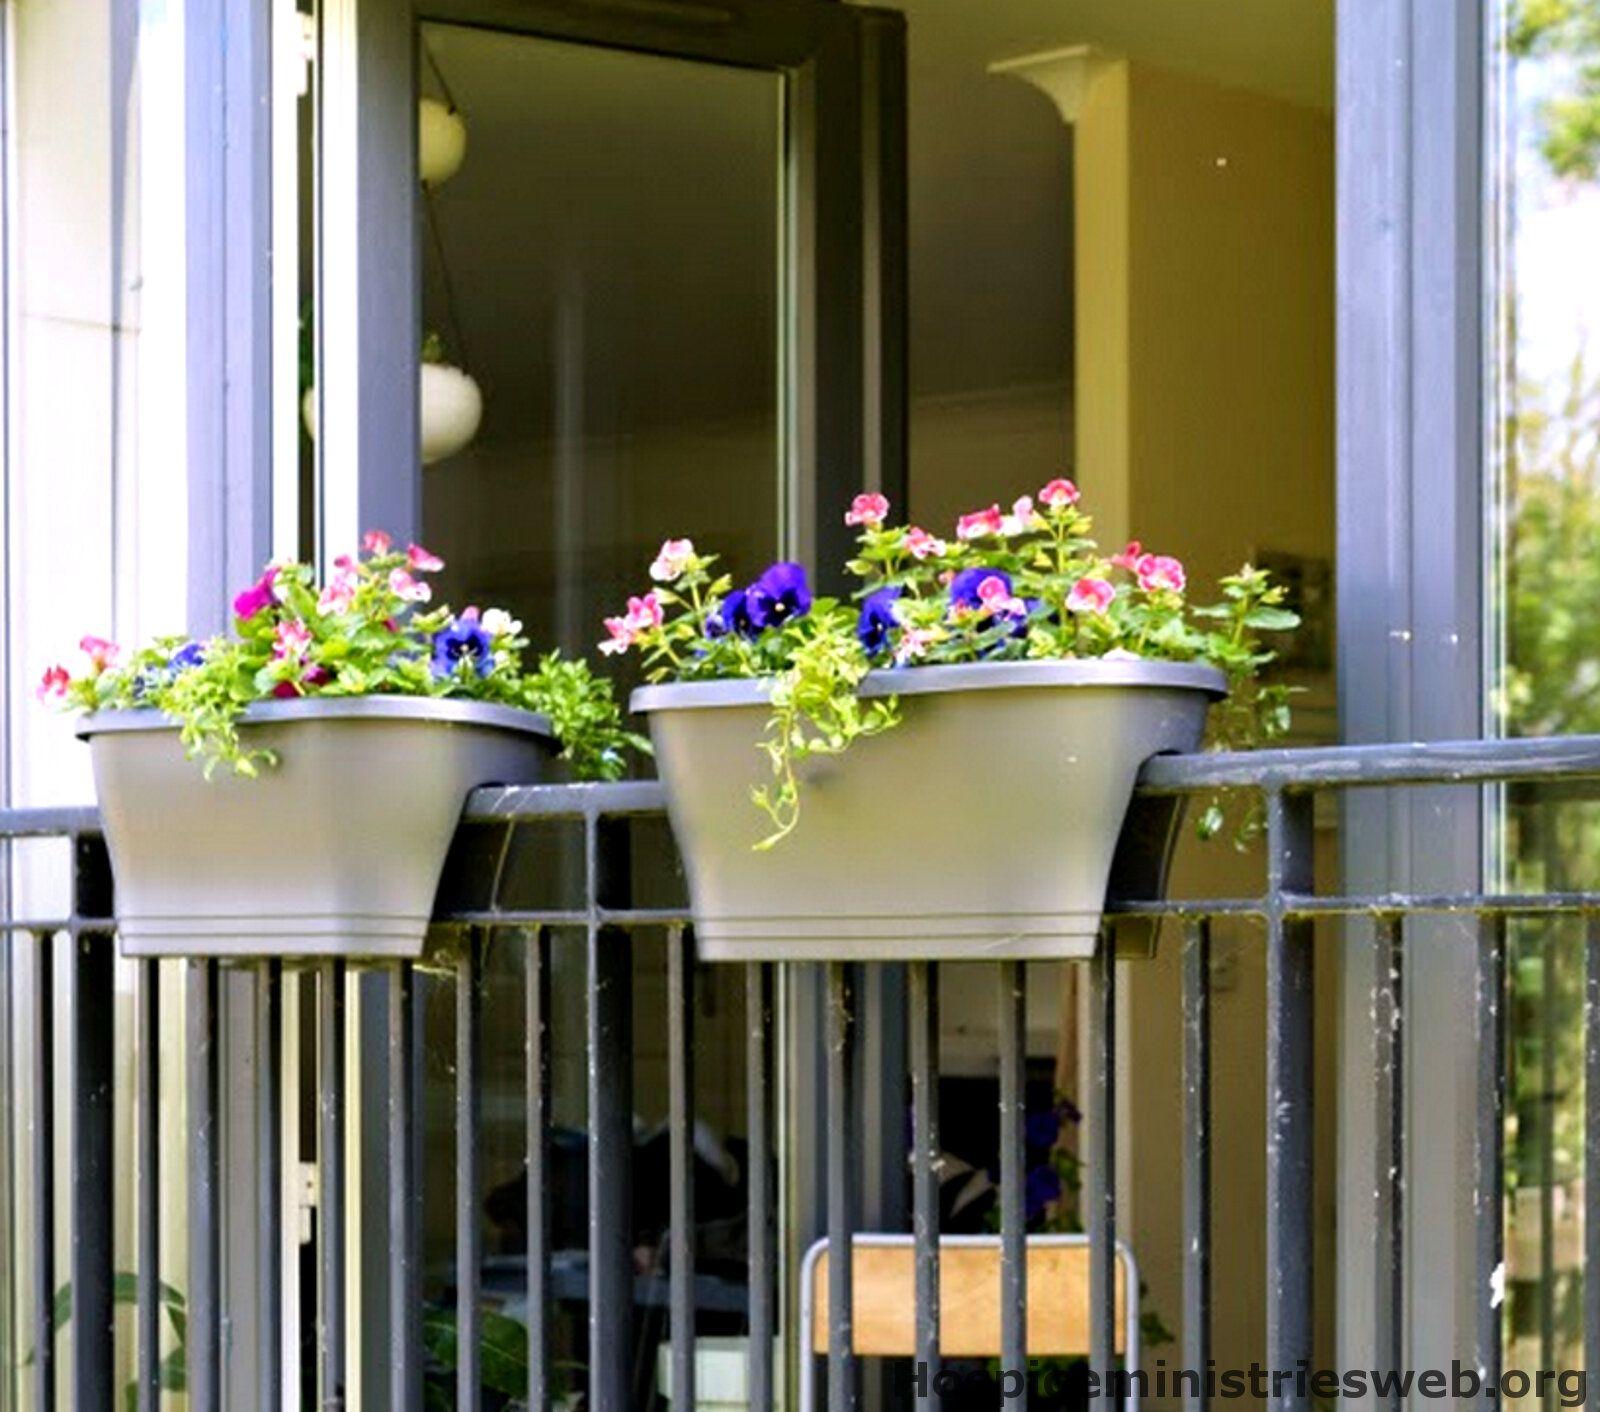 pflegeleichte balkonpflanzen blumenk sten balkon selber. Black Bedroom Furniture Sets. Home Design Ideas